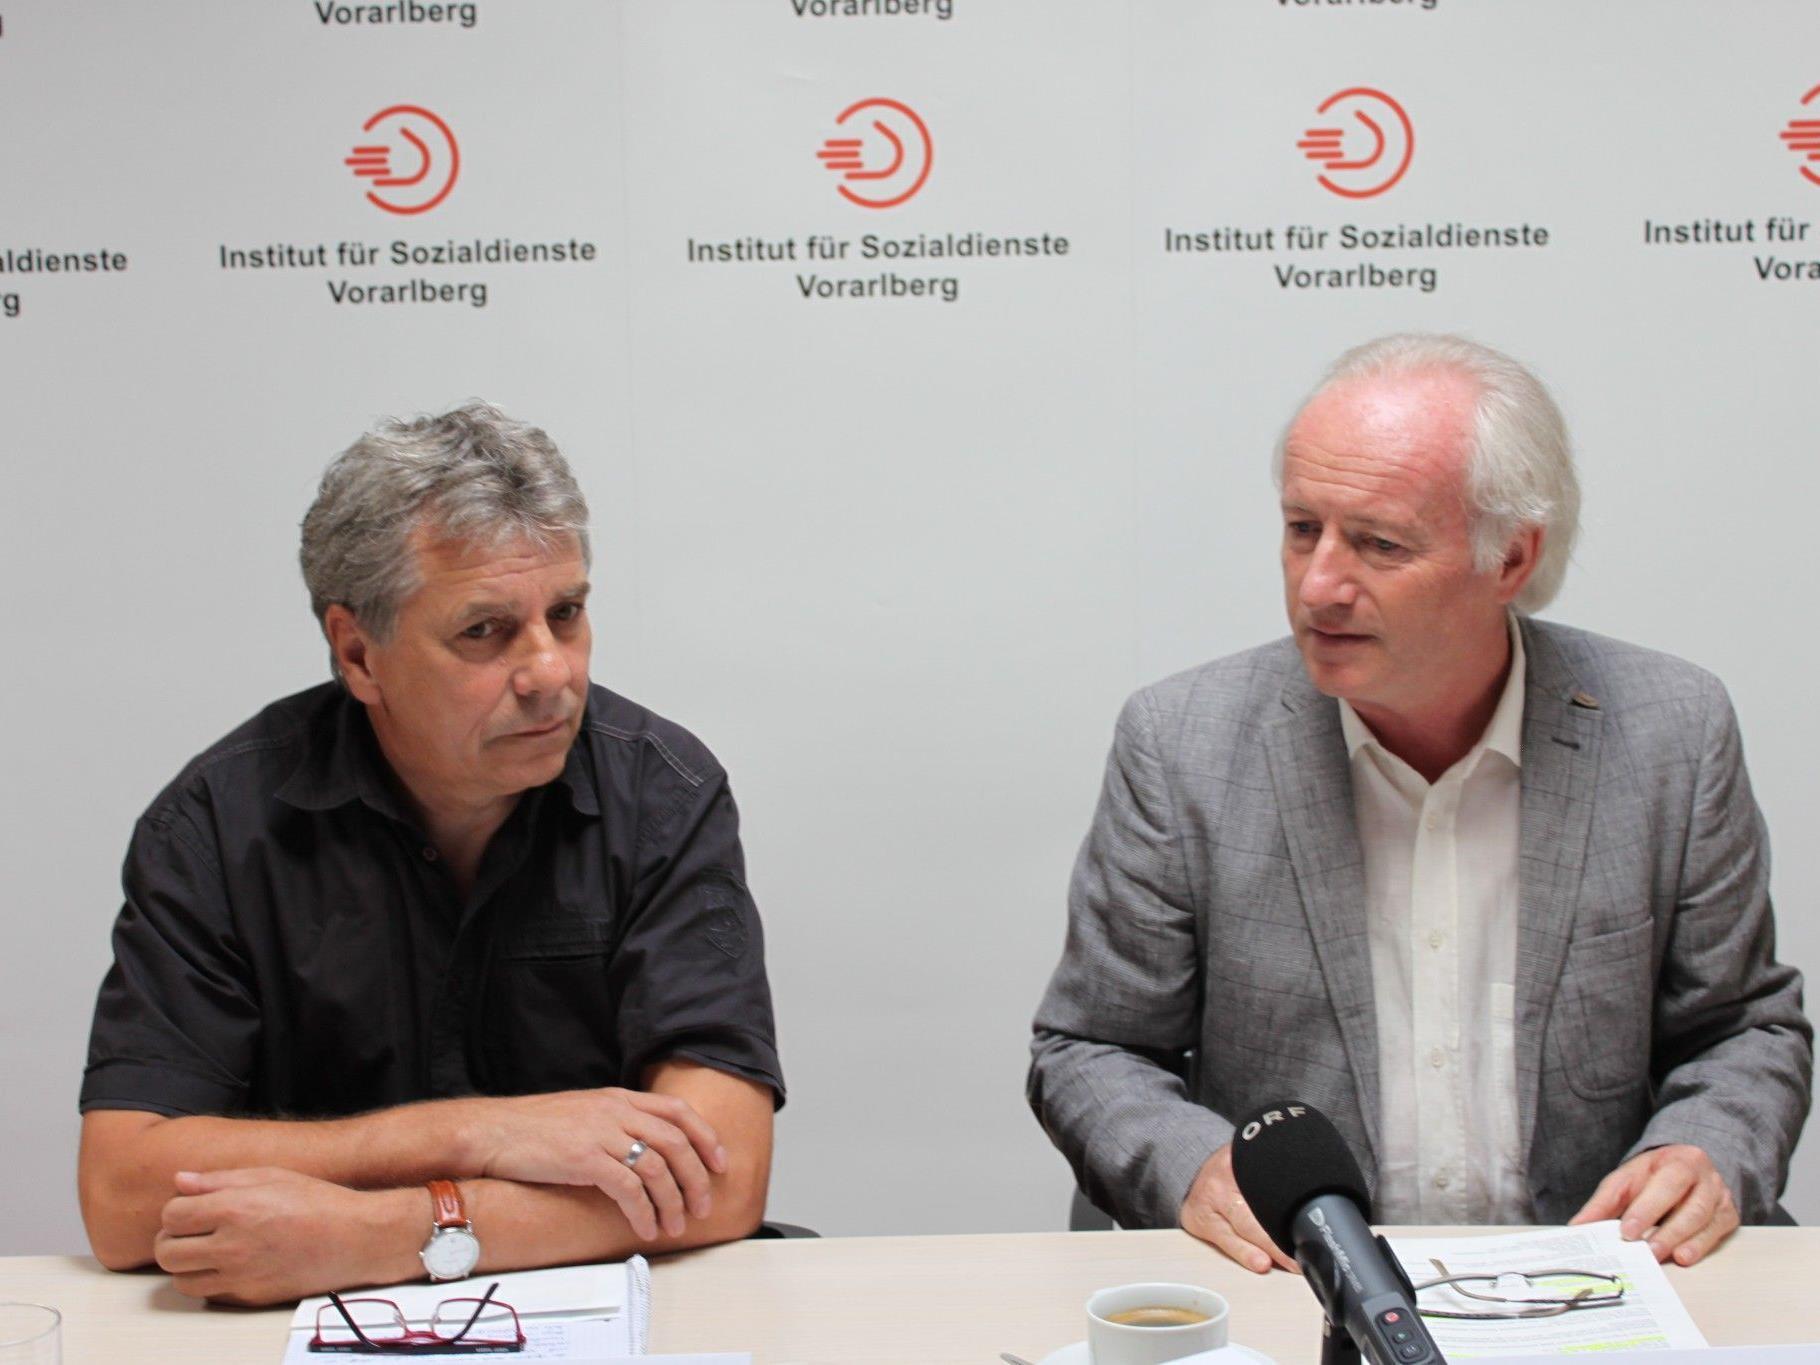 Foto (IfS): Geschäftsführer Dr. Stefan Allgäuer und Helmut Köpf (Leiter der Fachgruppe IfS-Sozialädagogik).